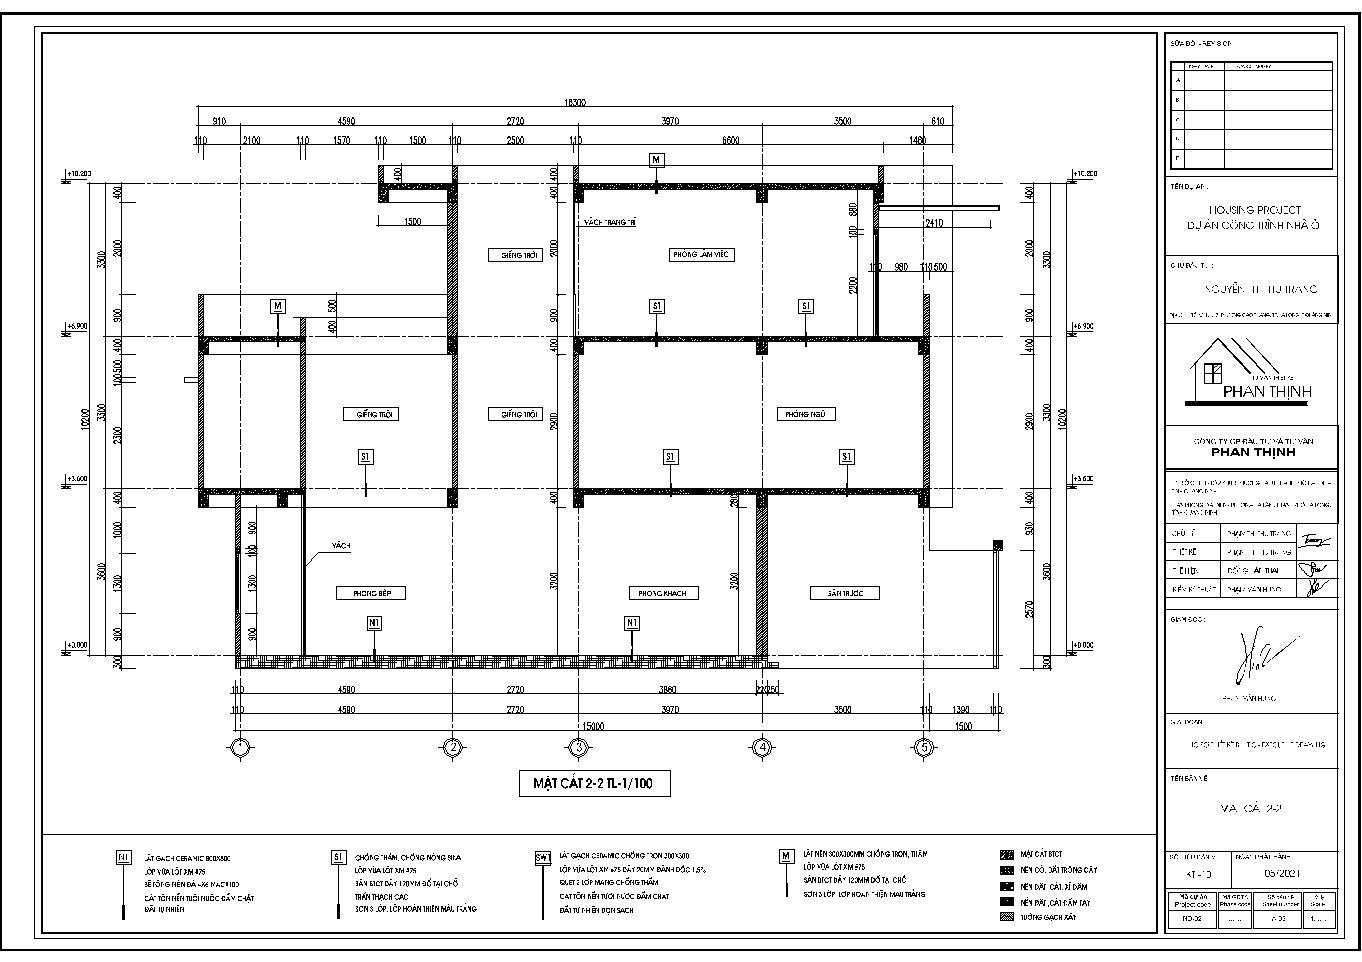 Mặt cắt 2 của ngôi nhà mái thái 1 tầng